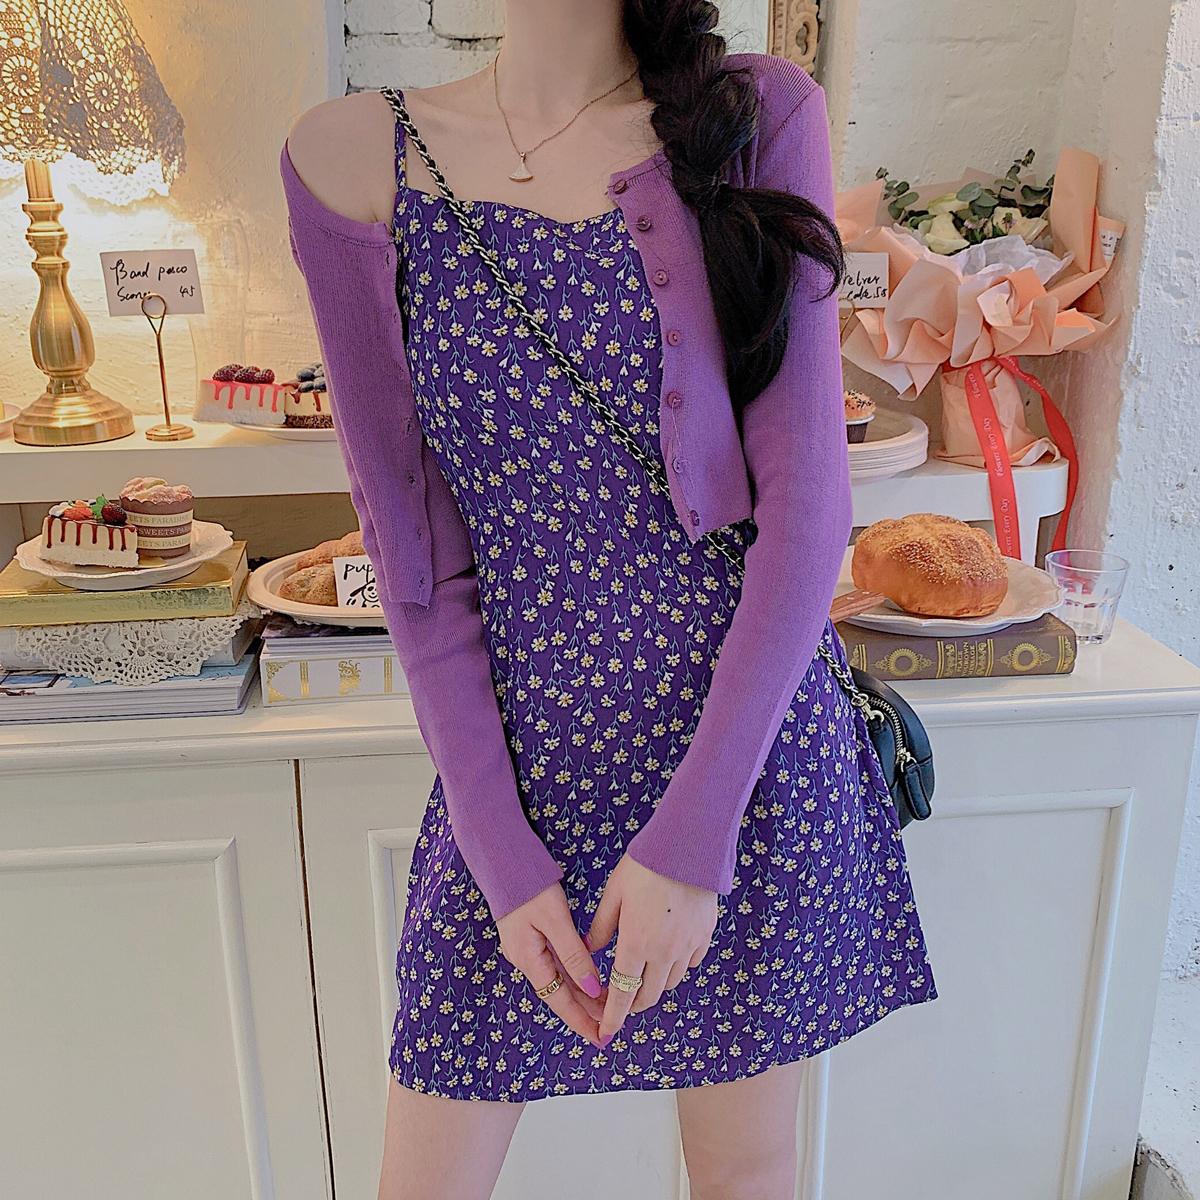 2020夏新款大码女装显瘦裙子胖妹妹复古气质修身紫色吊带连衣裙女